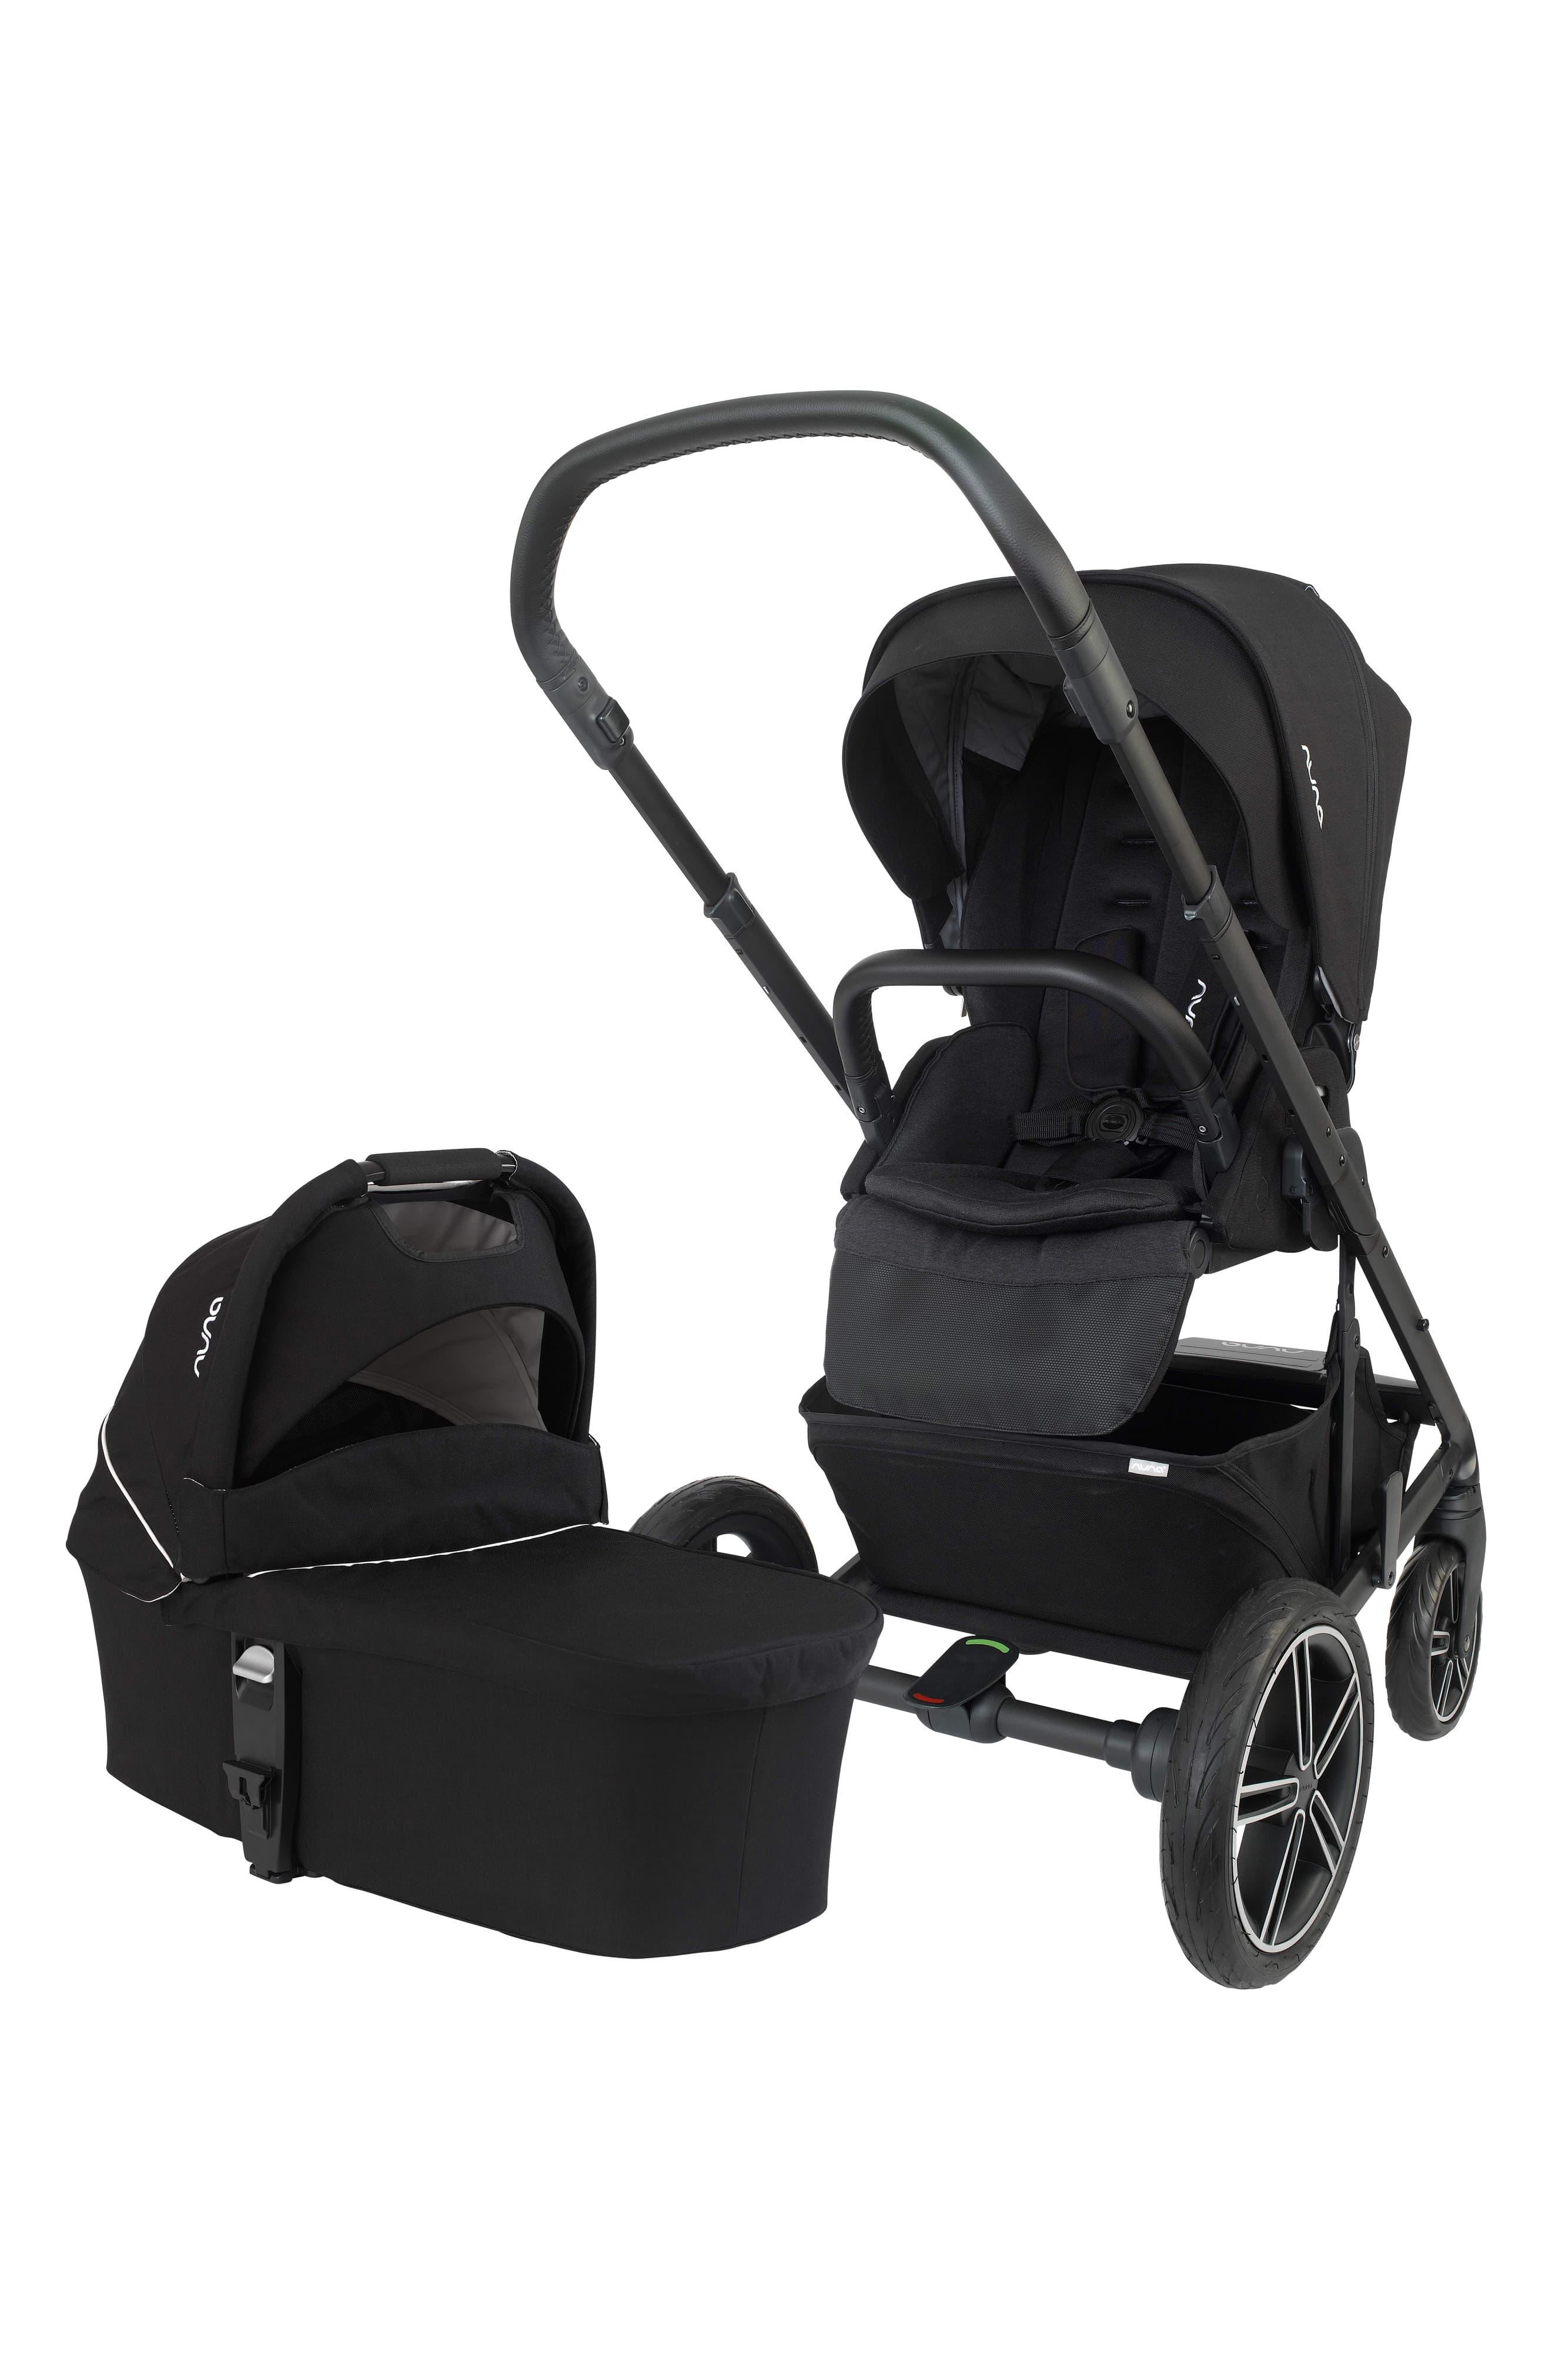 Infant nuna mixx 2 stroller set size one size